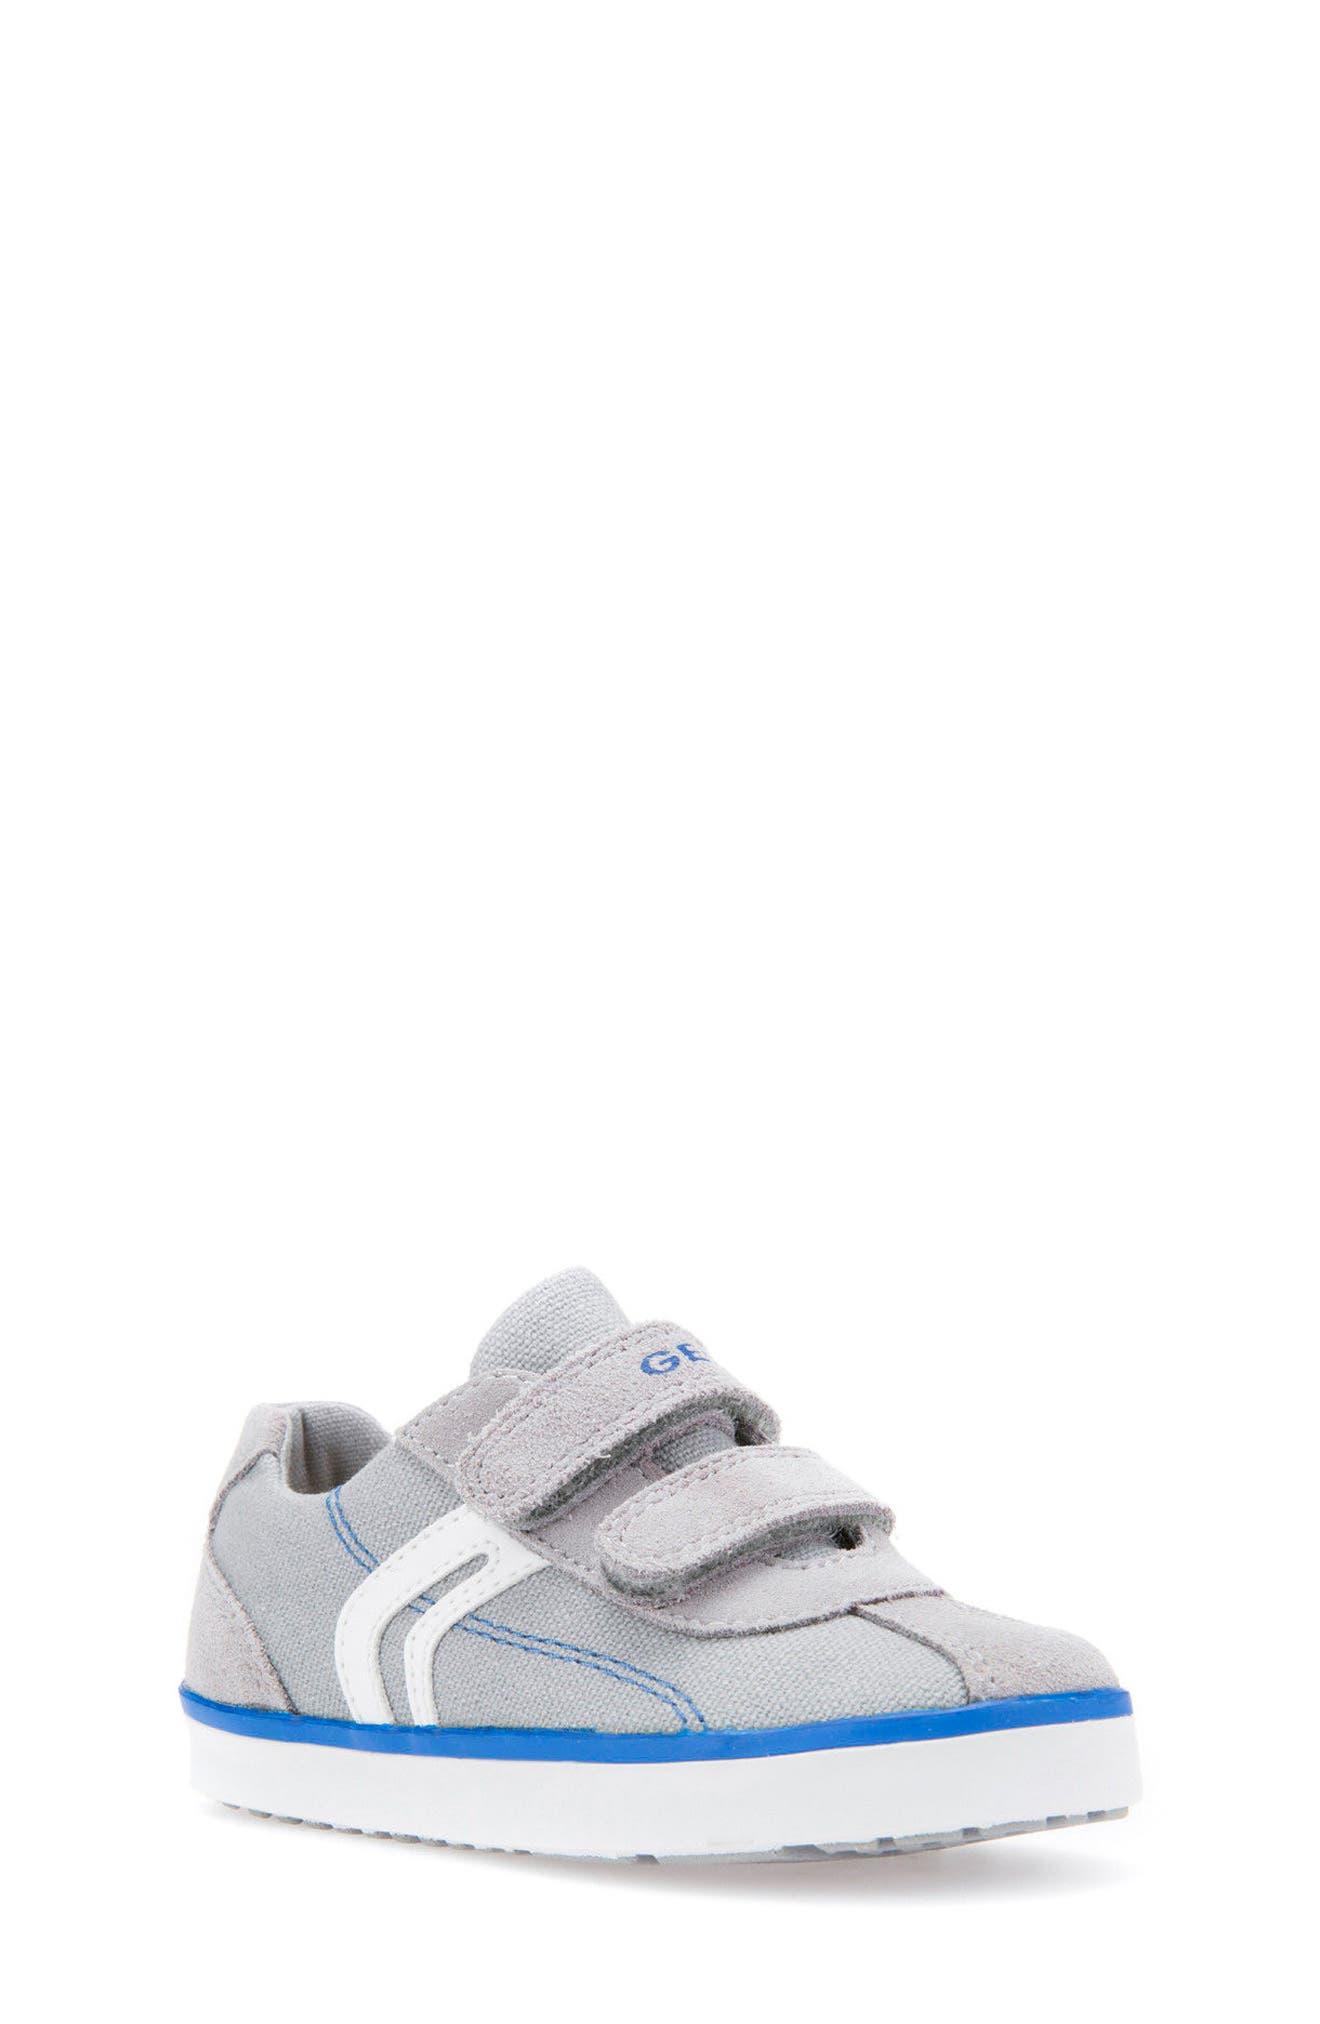 Kilwi Low Top Sneaker,                         Main,                         color, GREY